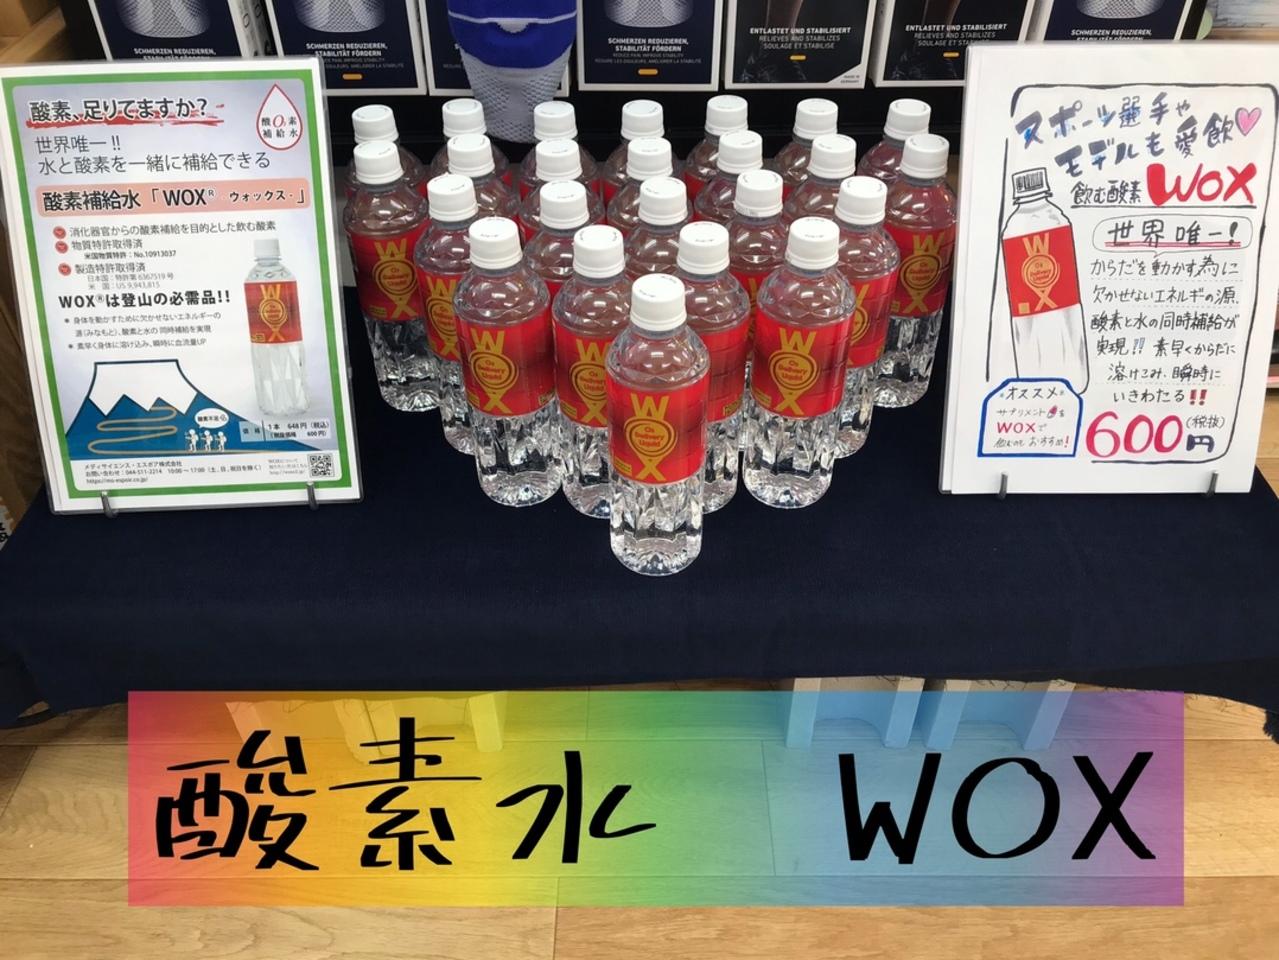 酸素水WOX限定数入荷!!